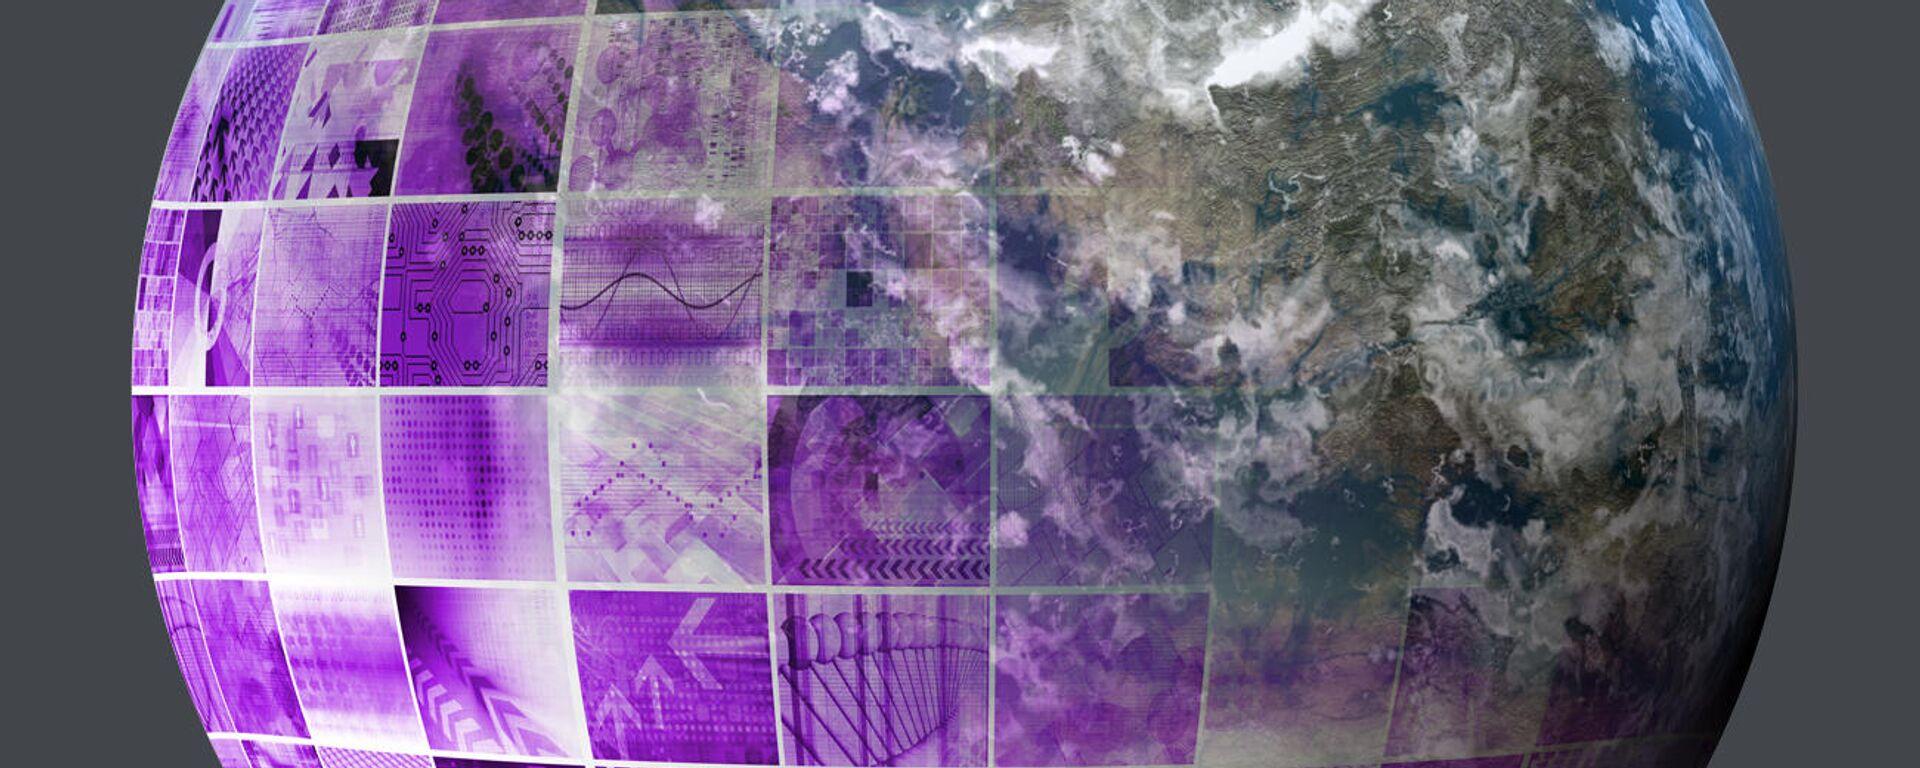 Zona Violeta - Sputnik Mundo, 1920, 12.08.2020